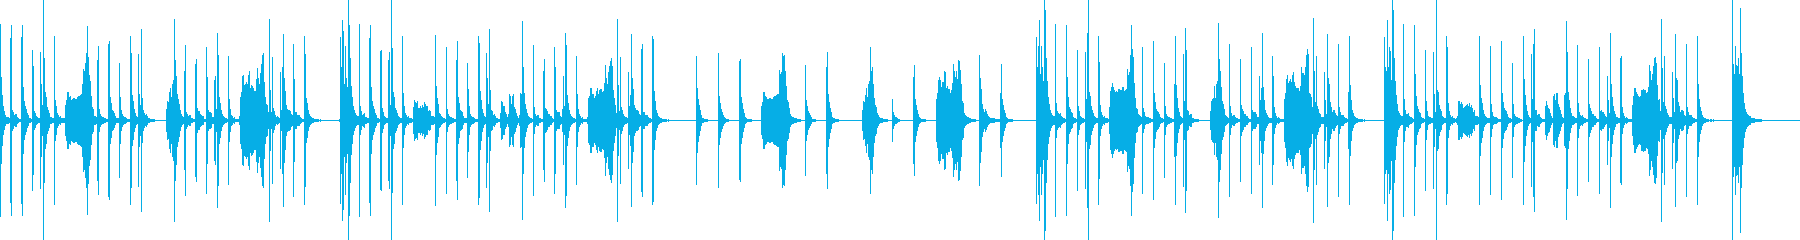 ほのぼの・小動物等 弦のピチカートと木管の再生済みの波形